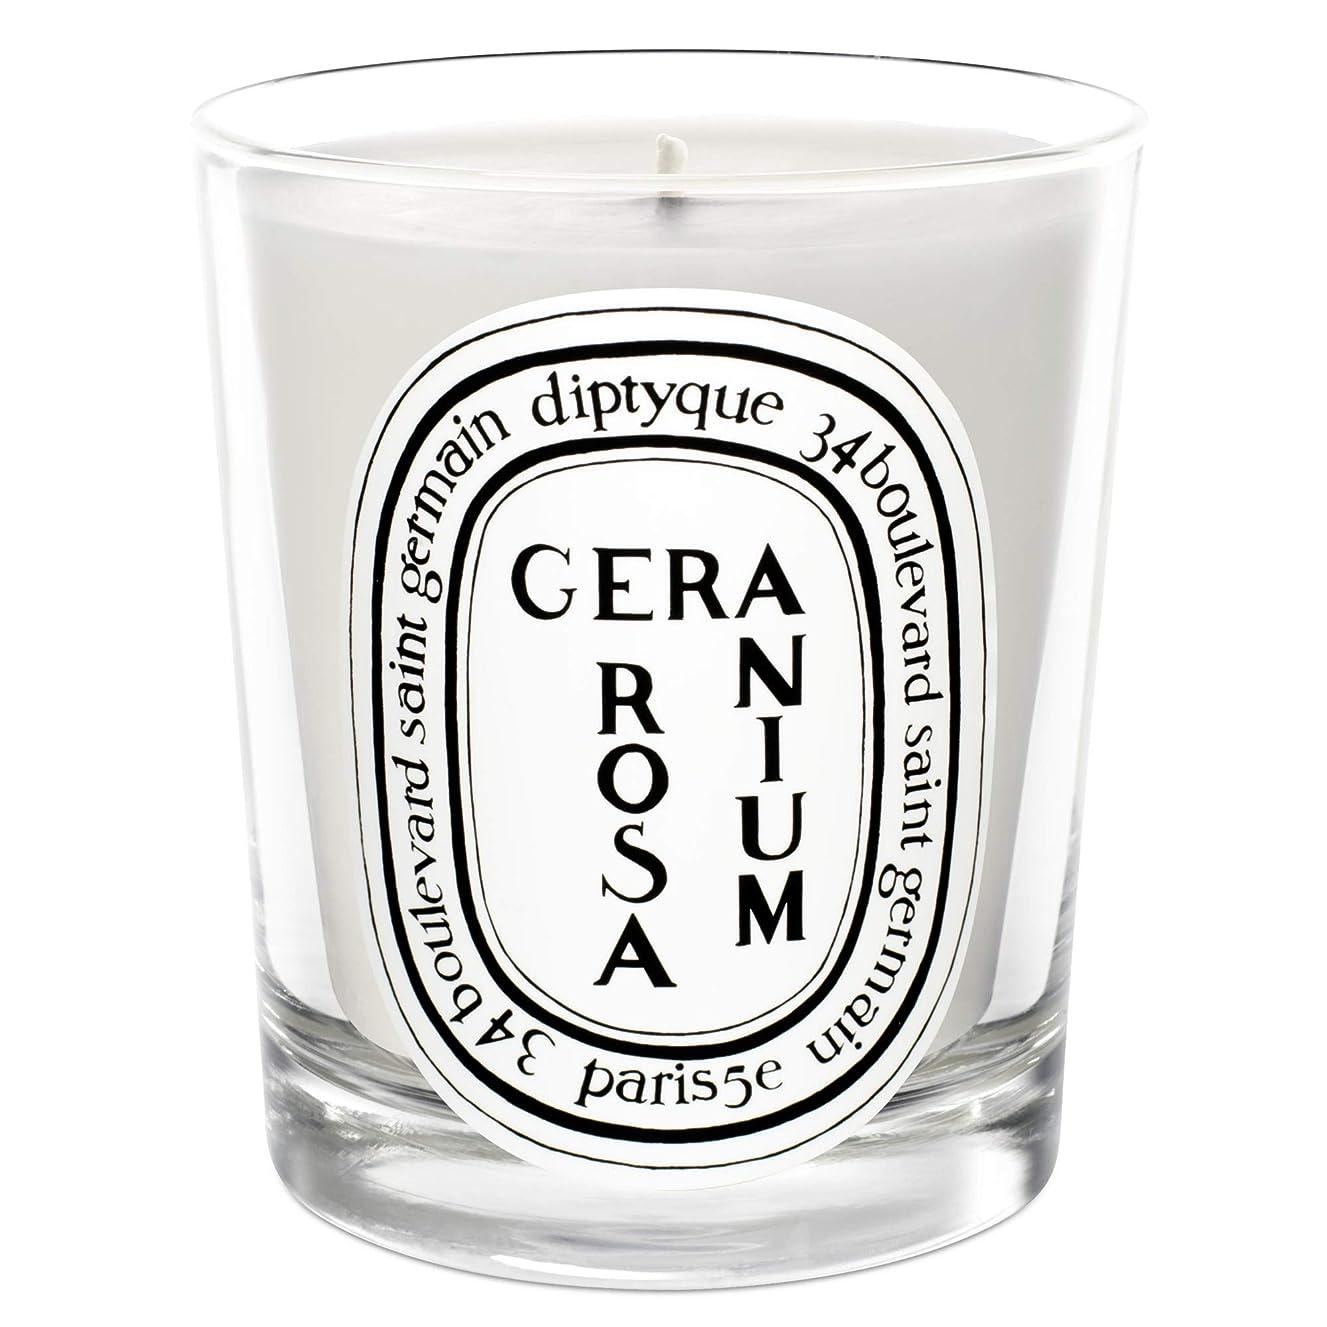 敵意アソシエイト接ぎ木[Diptyque] Diptyqueゼラニウムローザ香りのキャンドル190グラム - Diptyque Geranium Rosa Scented Candle 190g [並行輸入品]